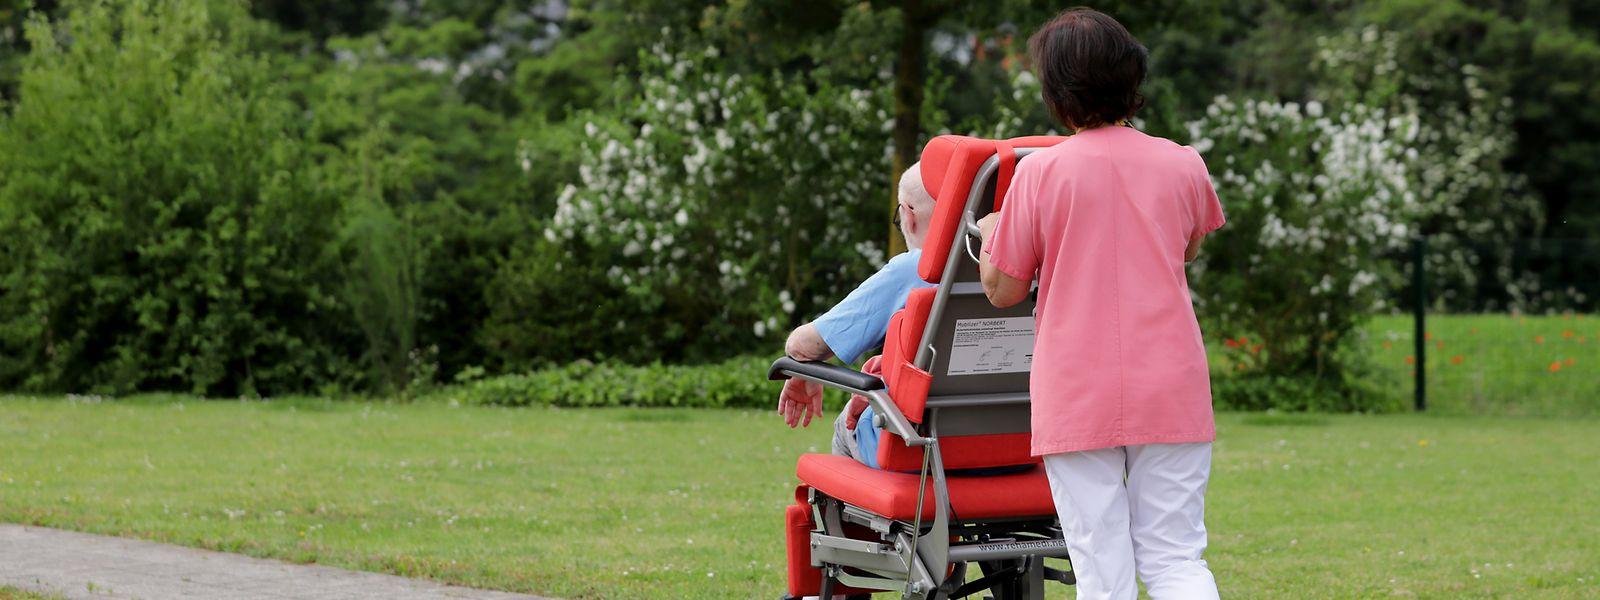 Bei gutem Wetter verbringen manche Bewohner vom Haus Omega gerne ihre Zeit in dem blühenden Garten. Das Personal ist an ihrer Seite, wenn Hilfe gebraucht wird.